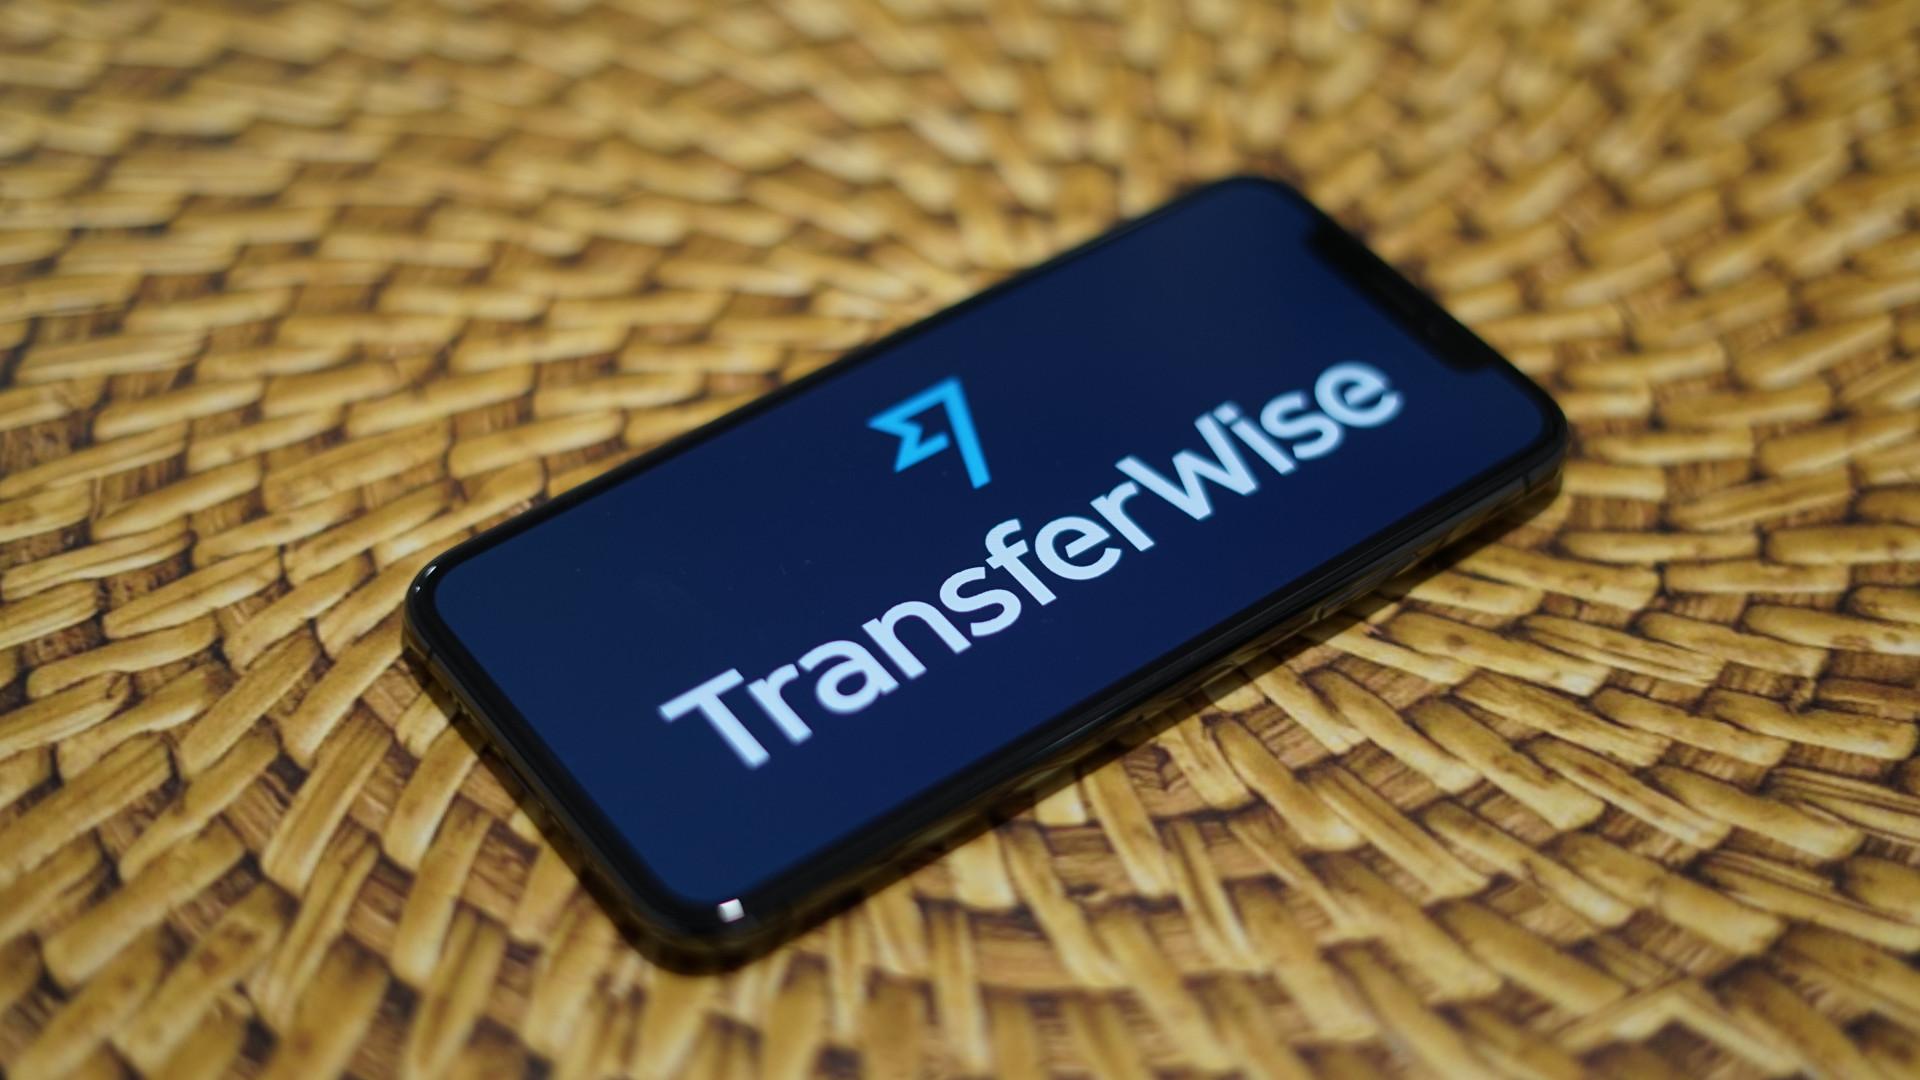 Hatalmas újításra készül a Transferwise Magyarországon: elárulták a részleteket